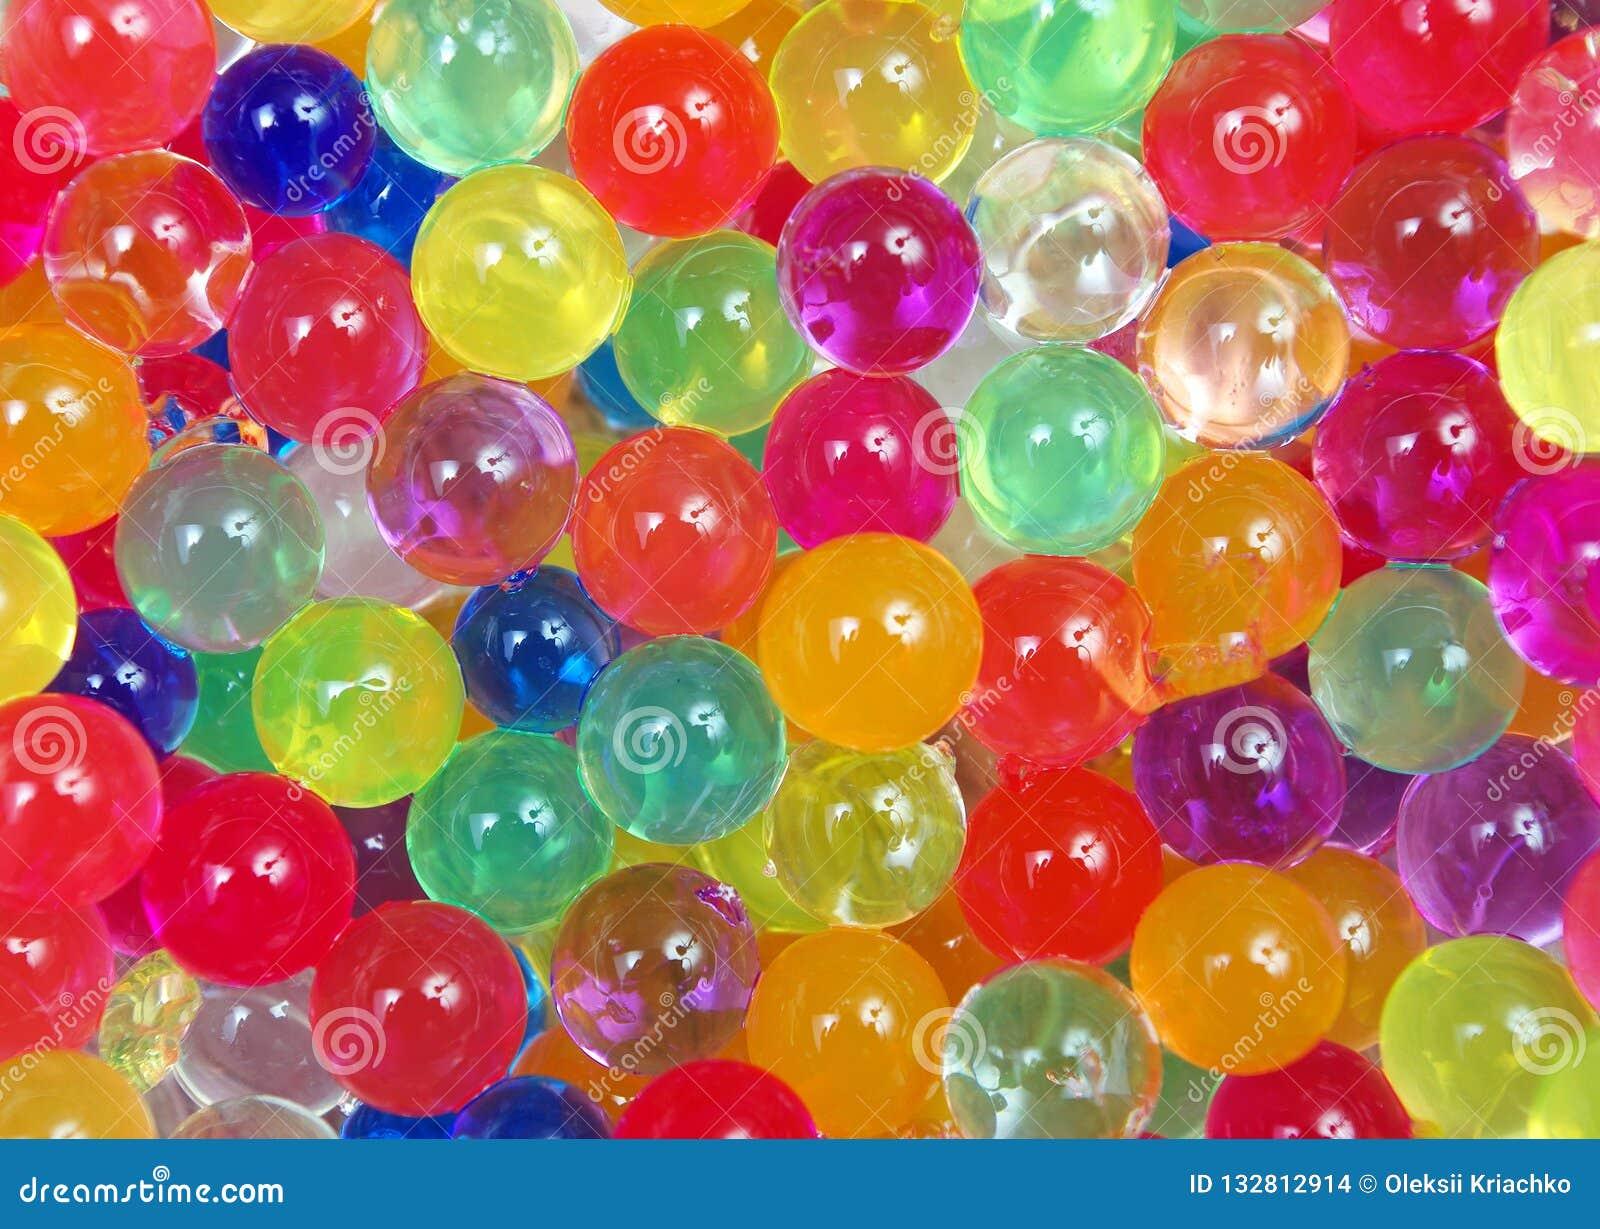 Färger av regnbågen Mångfärgad hydrogel klumpa ihop sig texturbakgrund Top beskådar Ordet FÄRG på kulöra räknare i skarp fokus mo